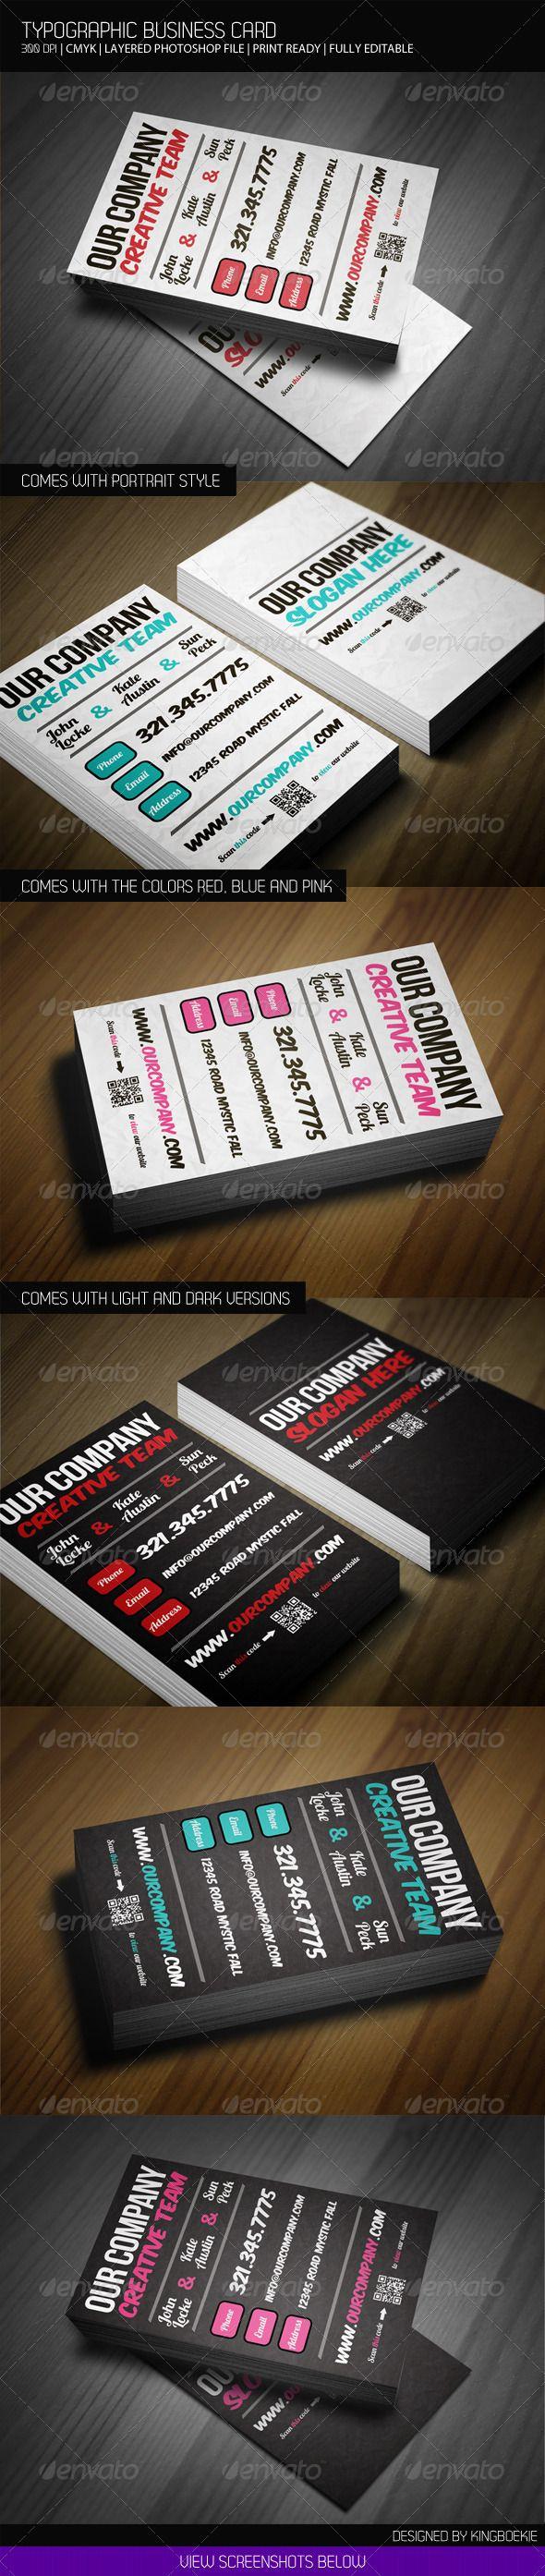 Ampoule laureen luhn design graphique - Typographic Business Card